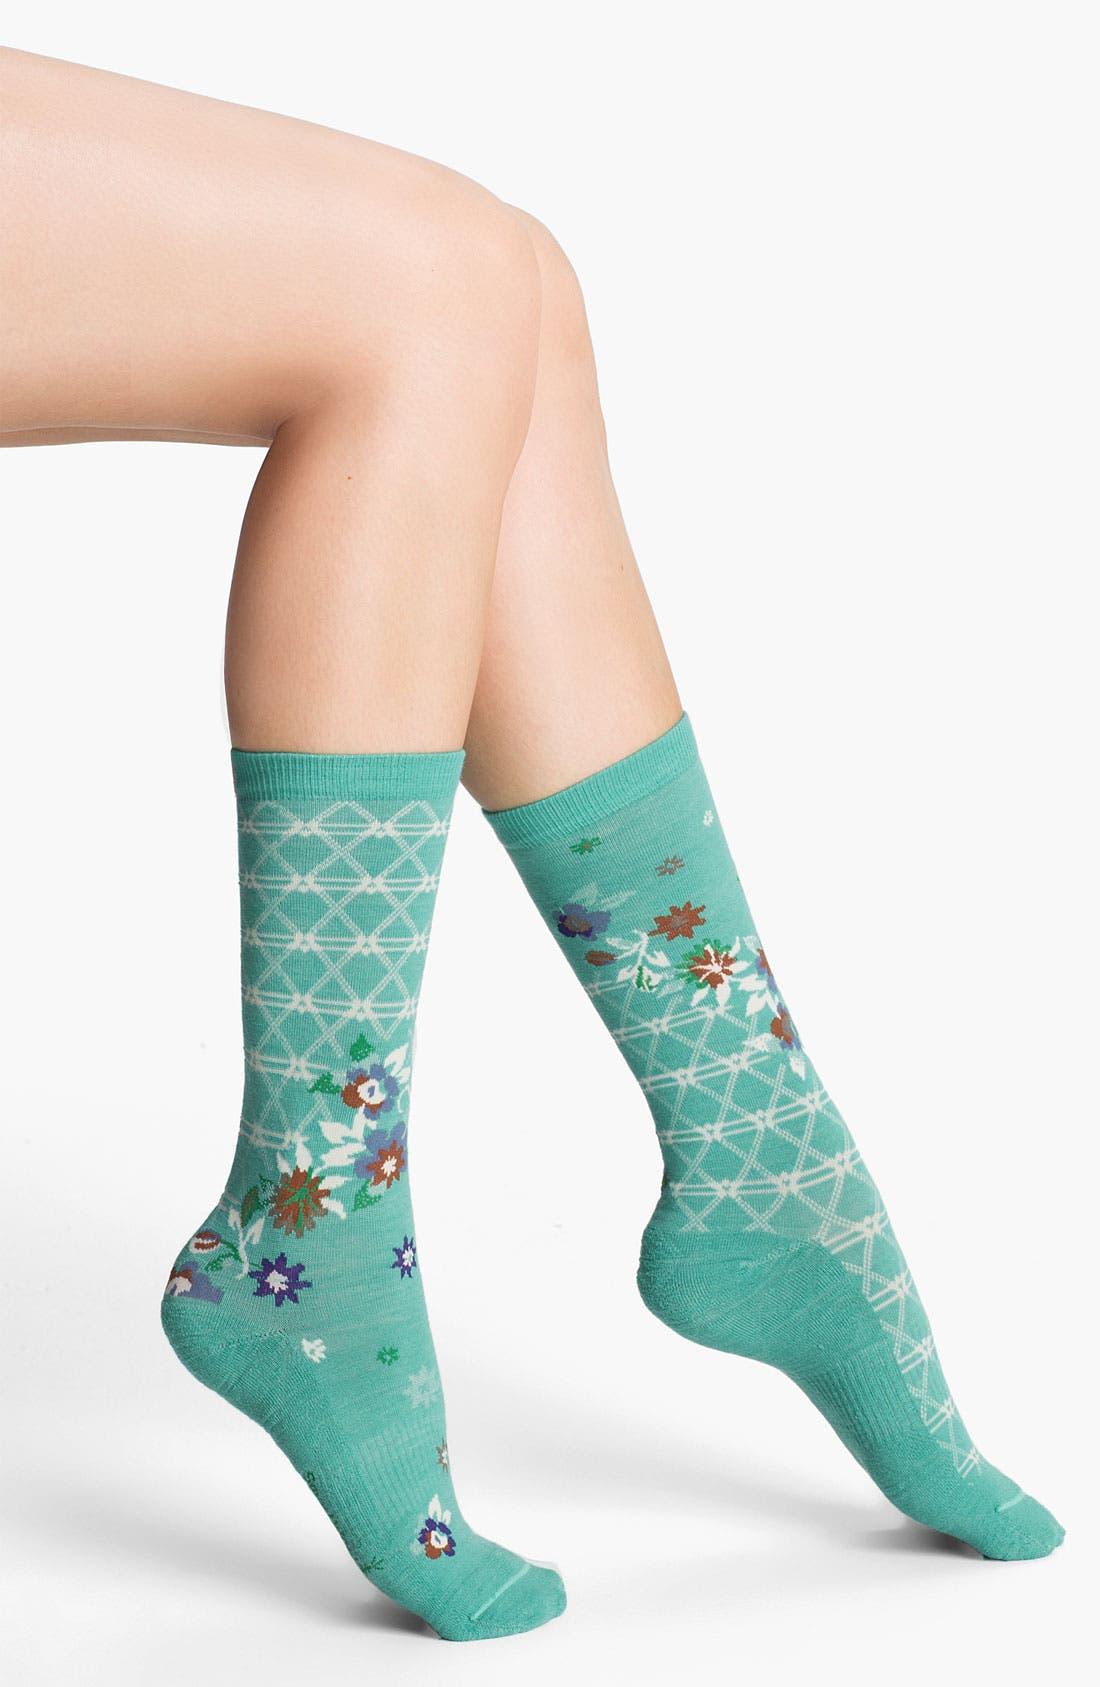 Alternate Image 1 Selected - Smartwool 'Cherry Blossom' Socks